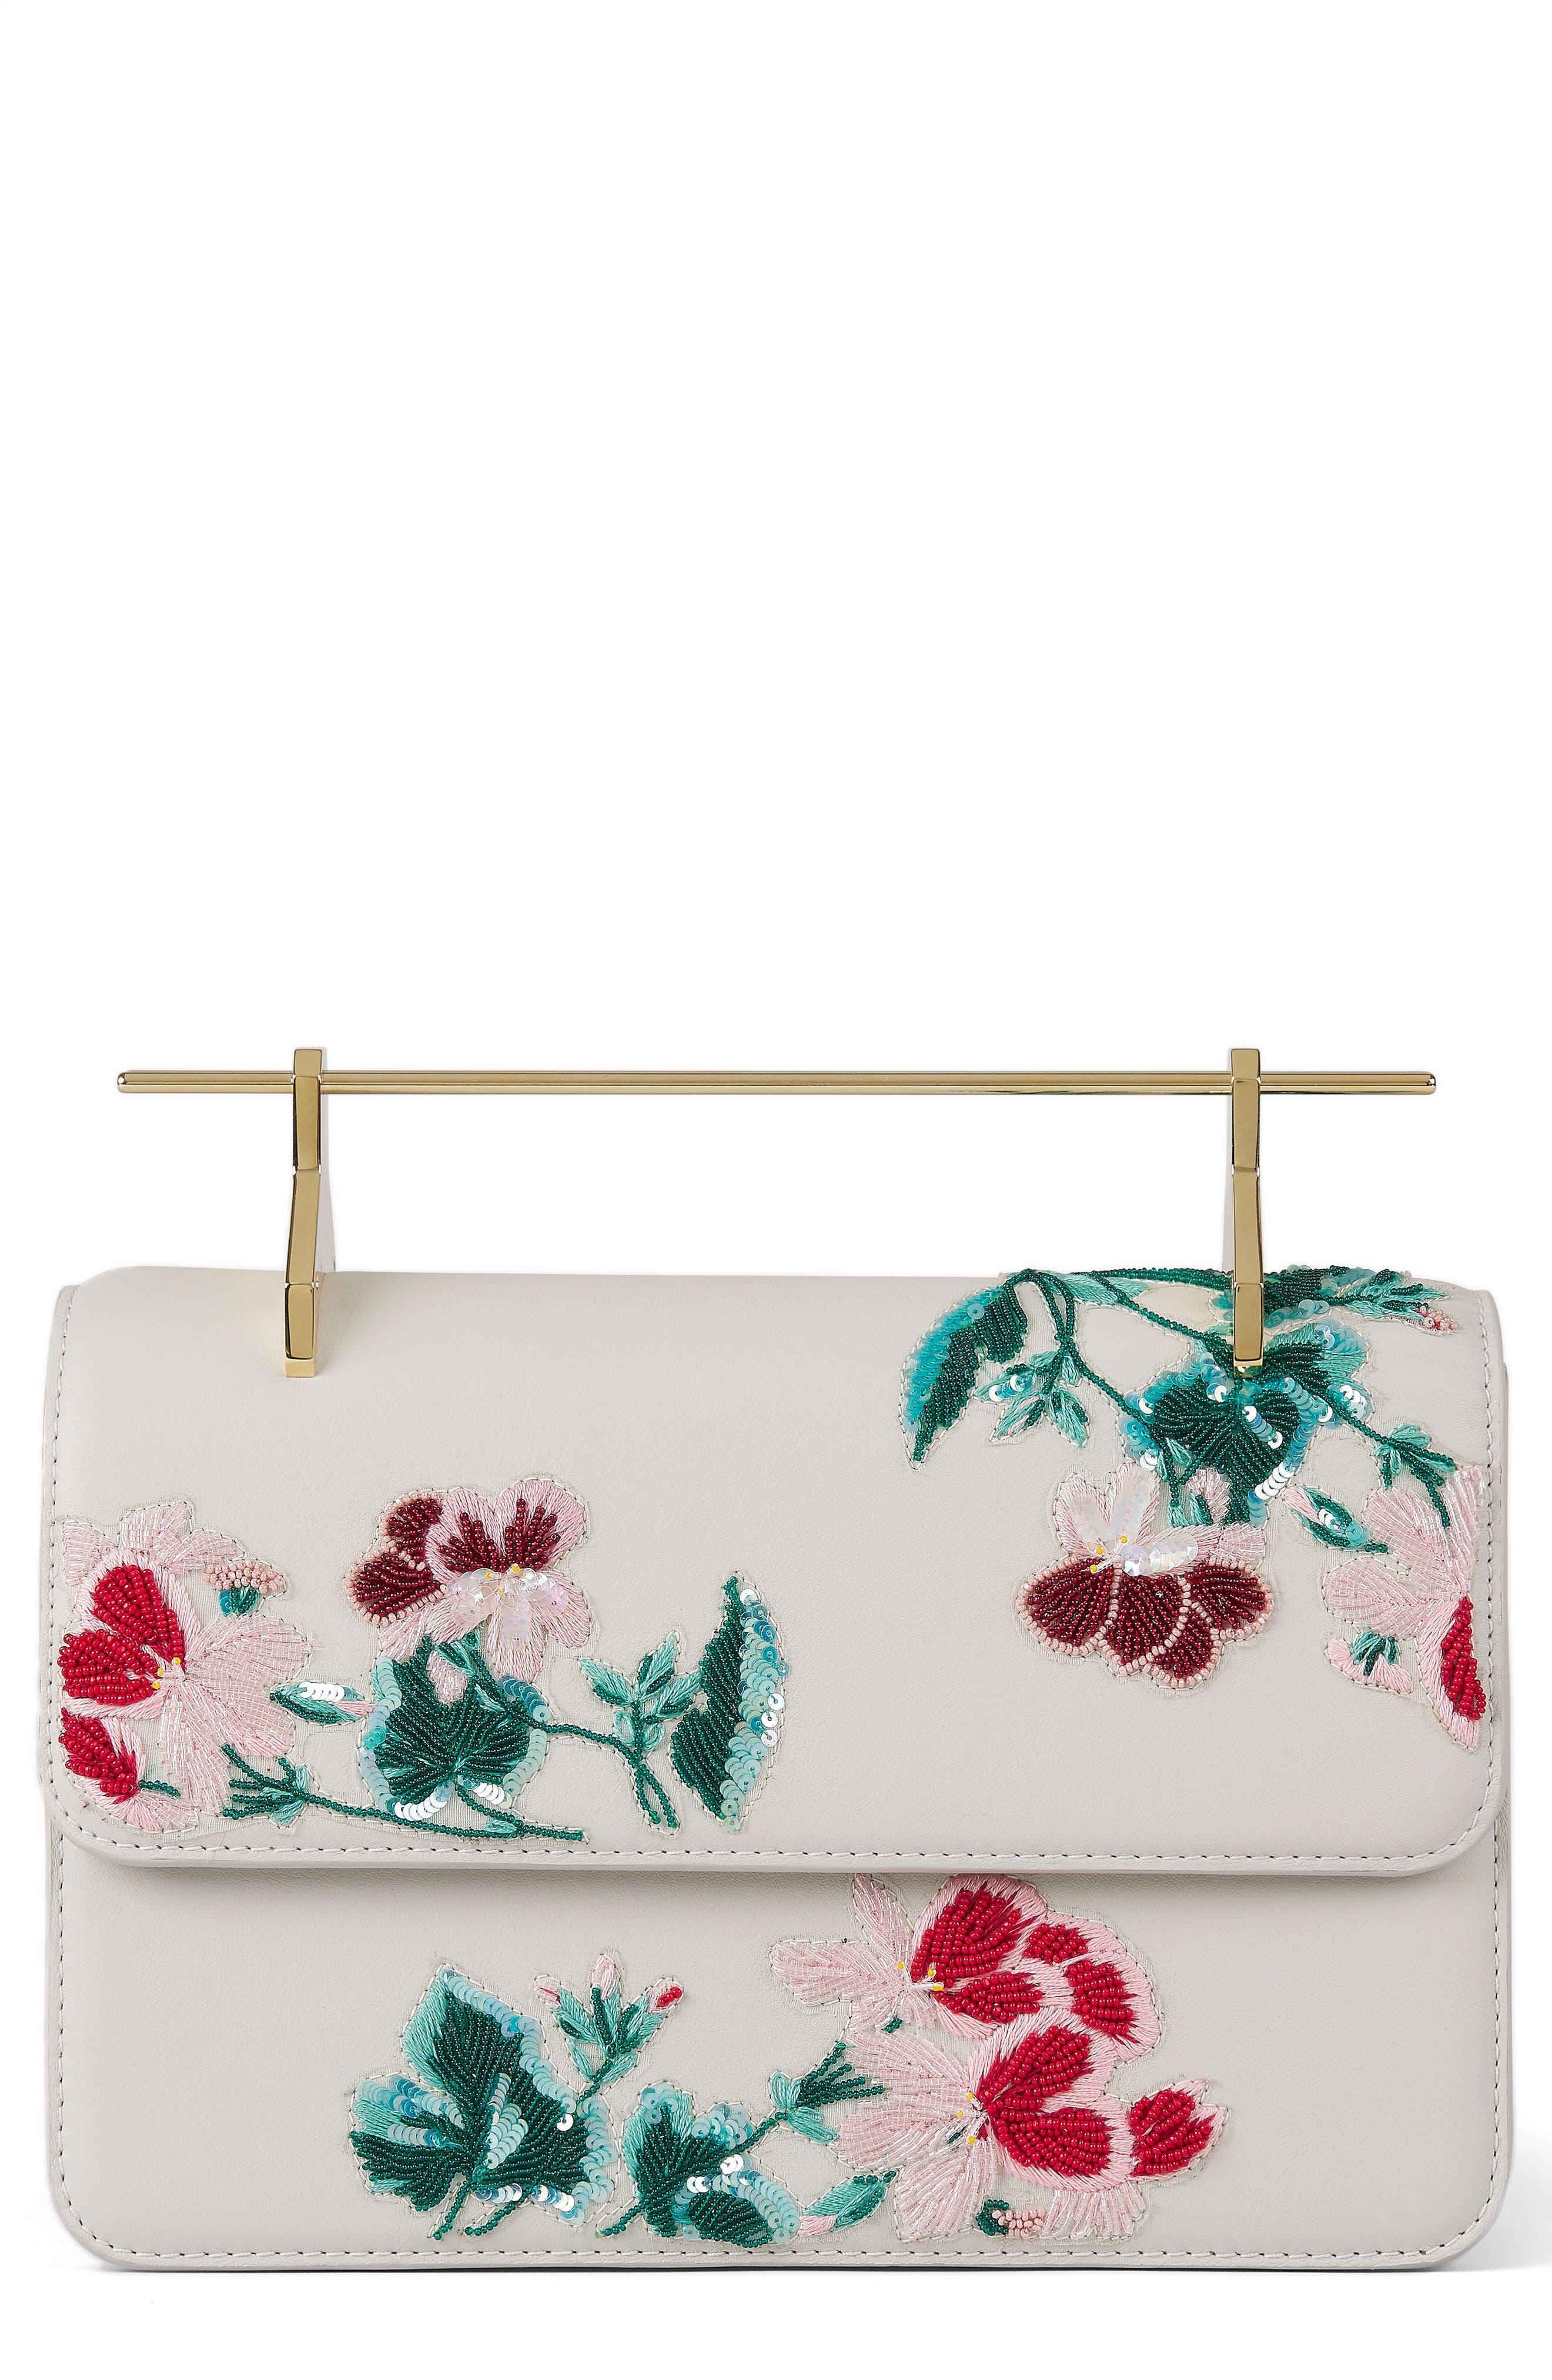 La Fleur du Mal Embellished Calfskin Leather Shoulder Bag,                         Main,                         color, Pnk Mnt Btnical Embrdery Gld